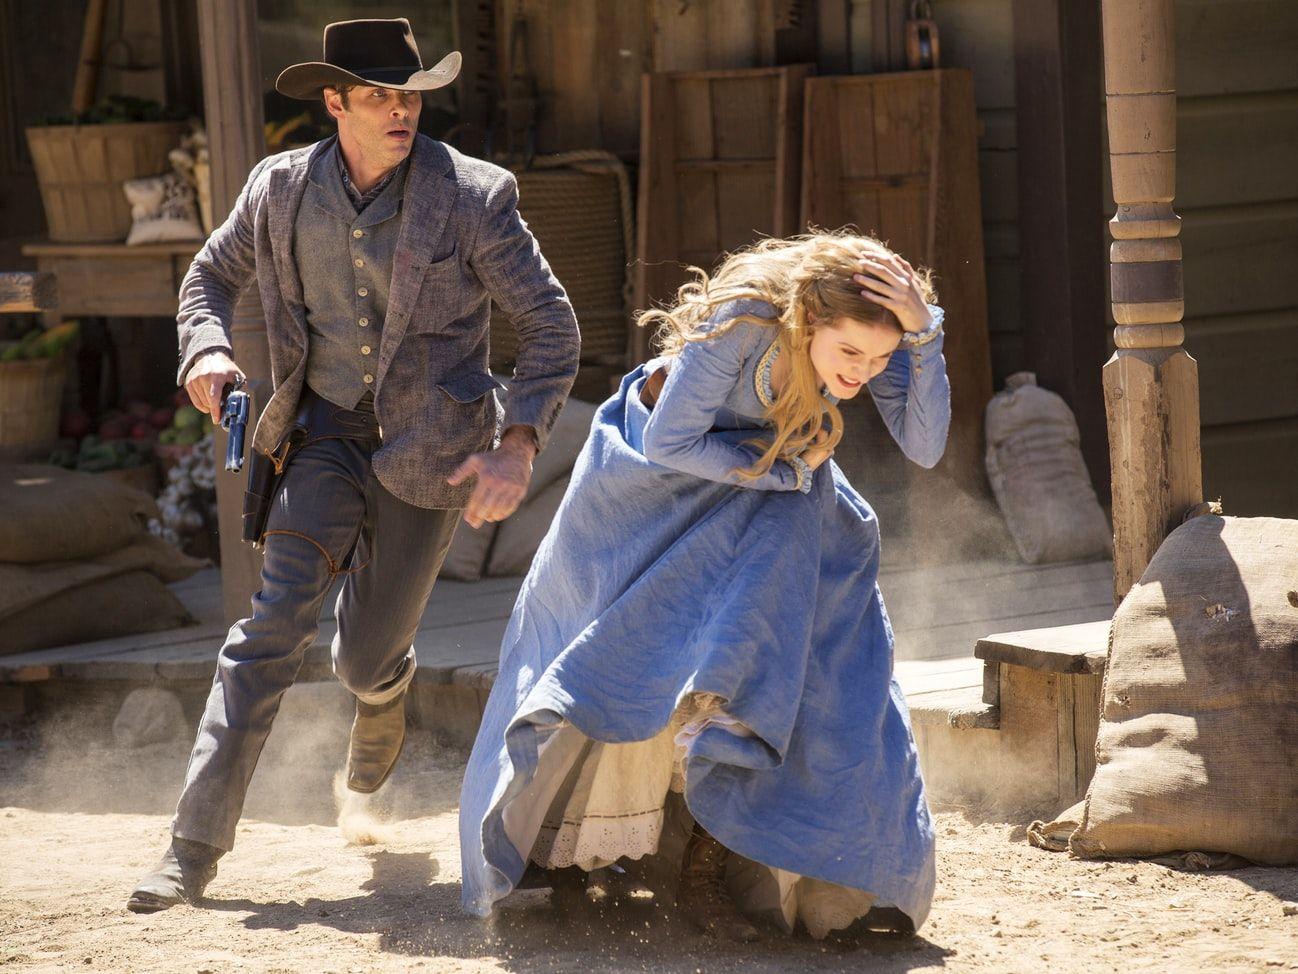 Pin by ~ Terri ~ on Women of Western Film | Westworld hbo